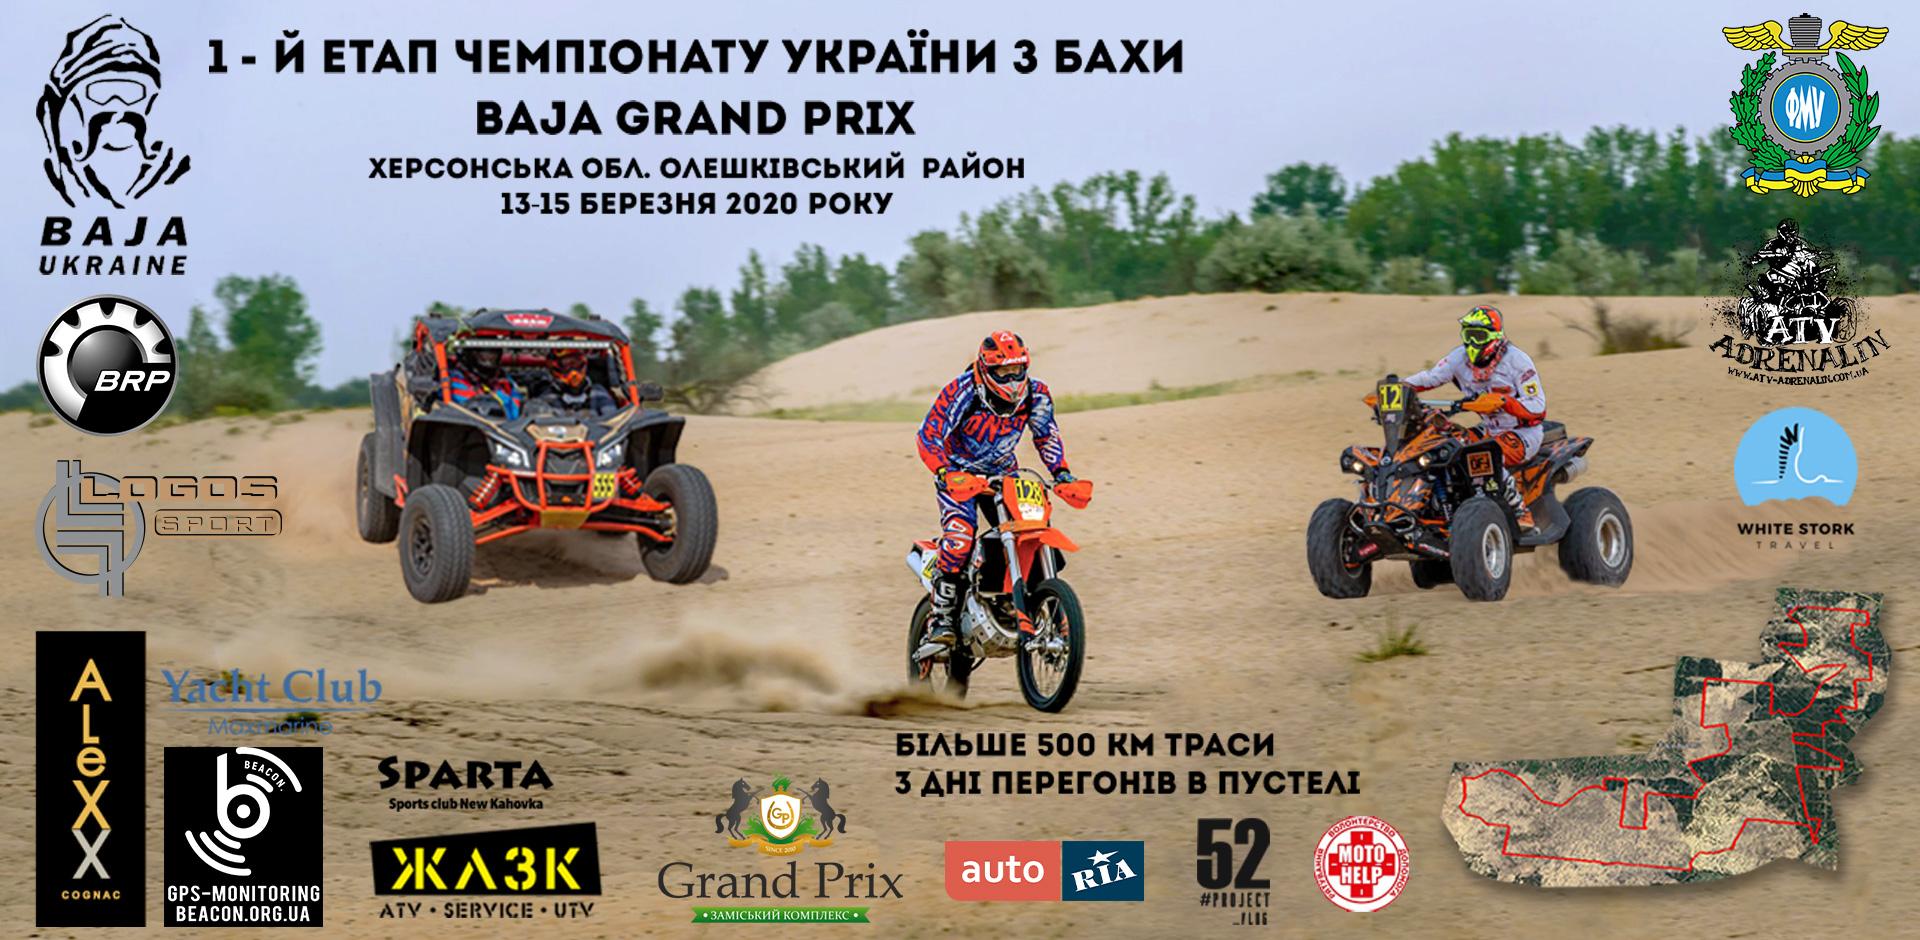 13-15 березня – 1-й етап Чемпіонату України з BAJA `Baja Grand Prix`